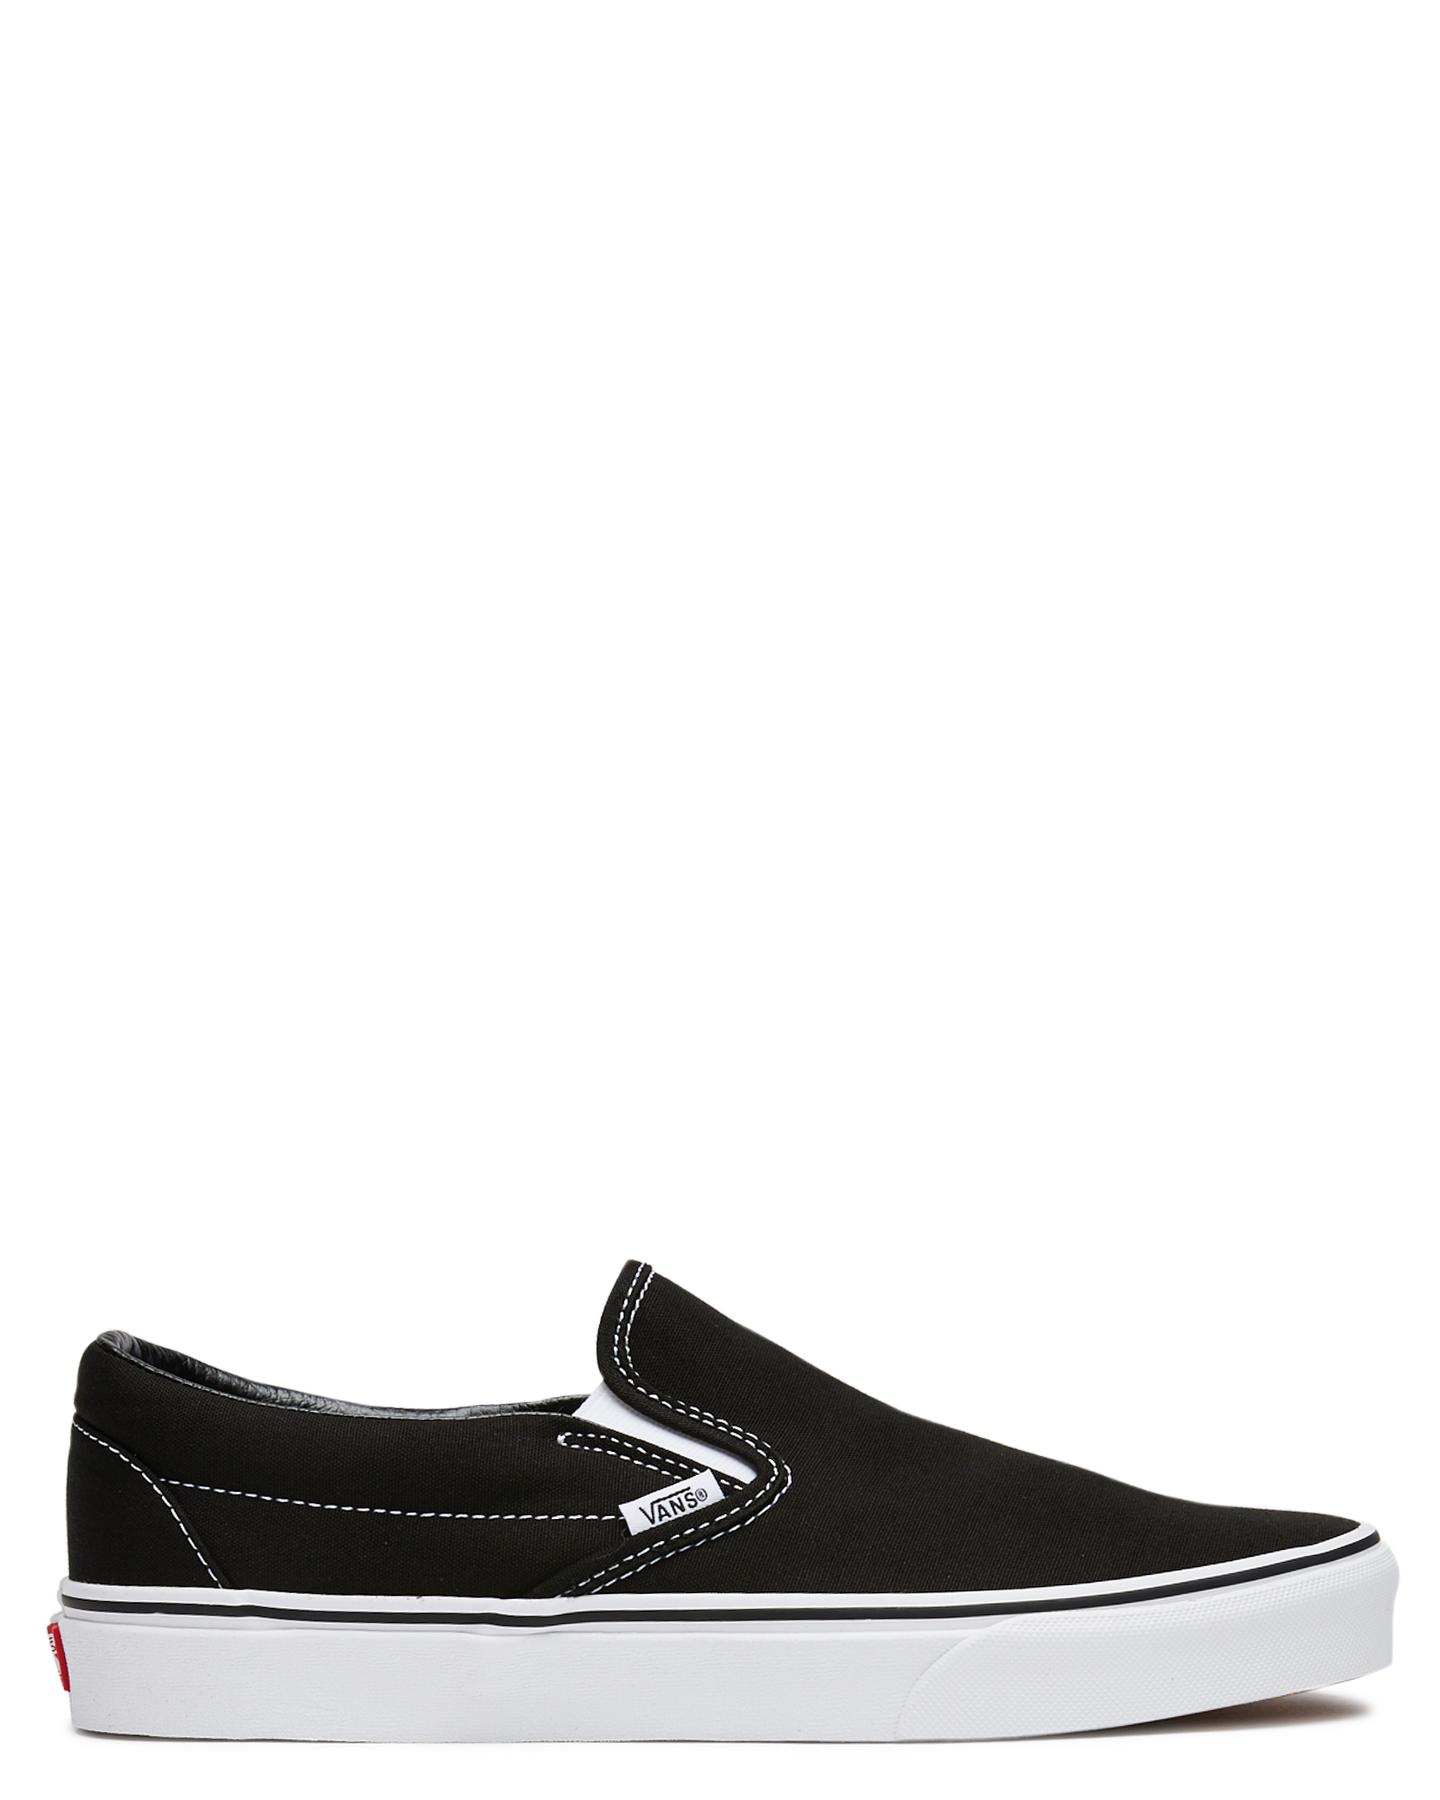 Vans Mens Classic Slip On Shoe - Black